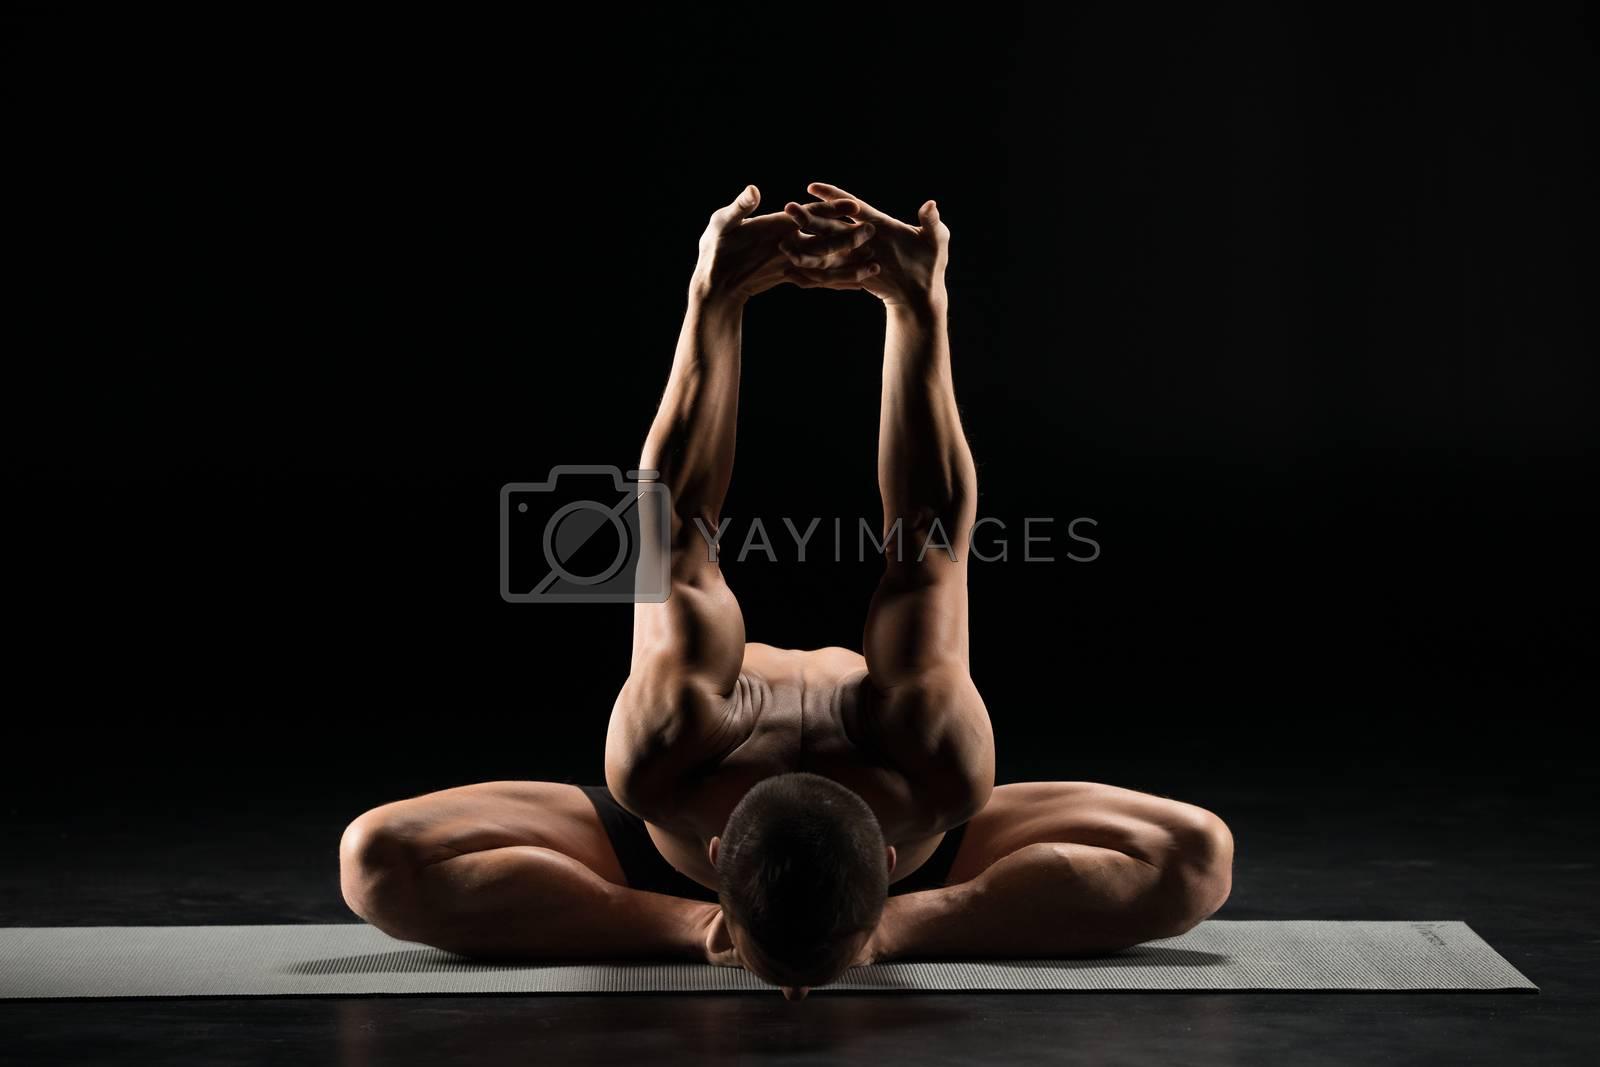 Man performing Dwikonasana while sitting on yoga mat